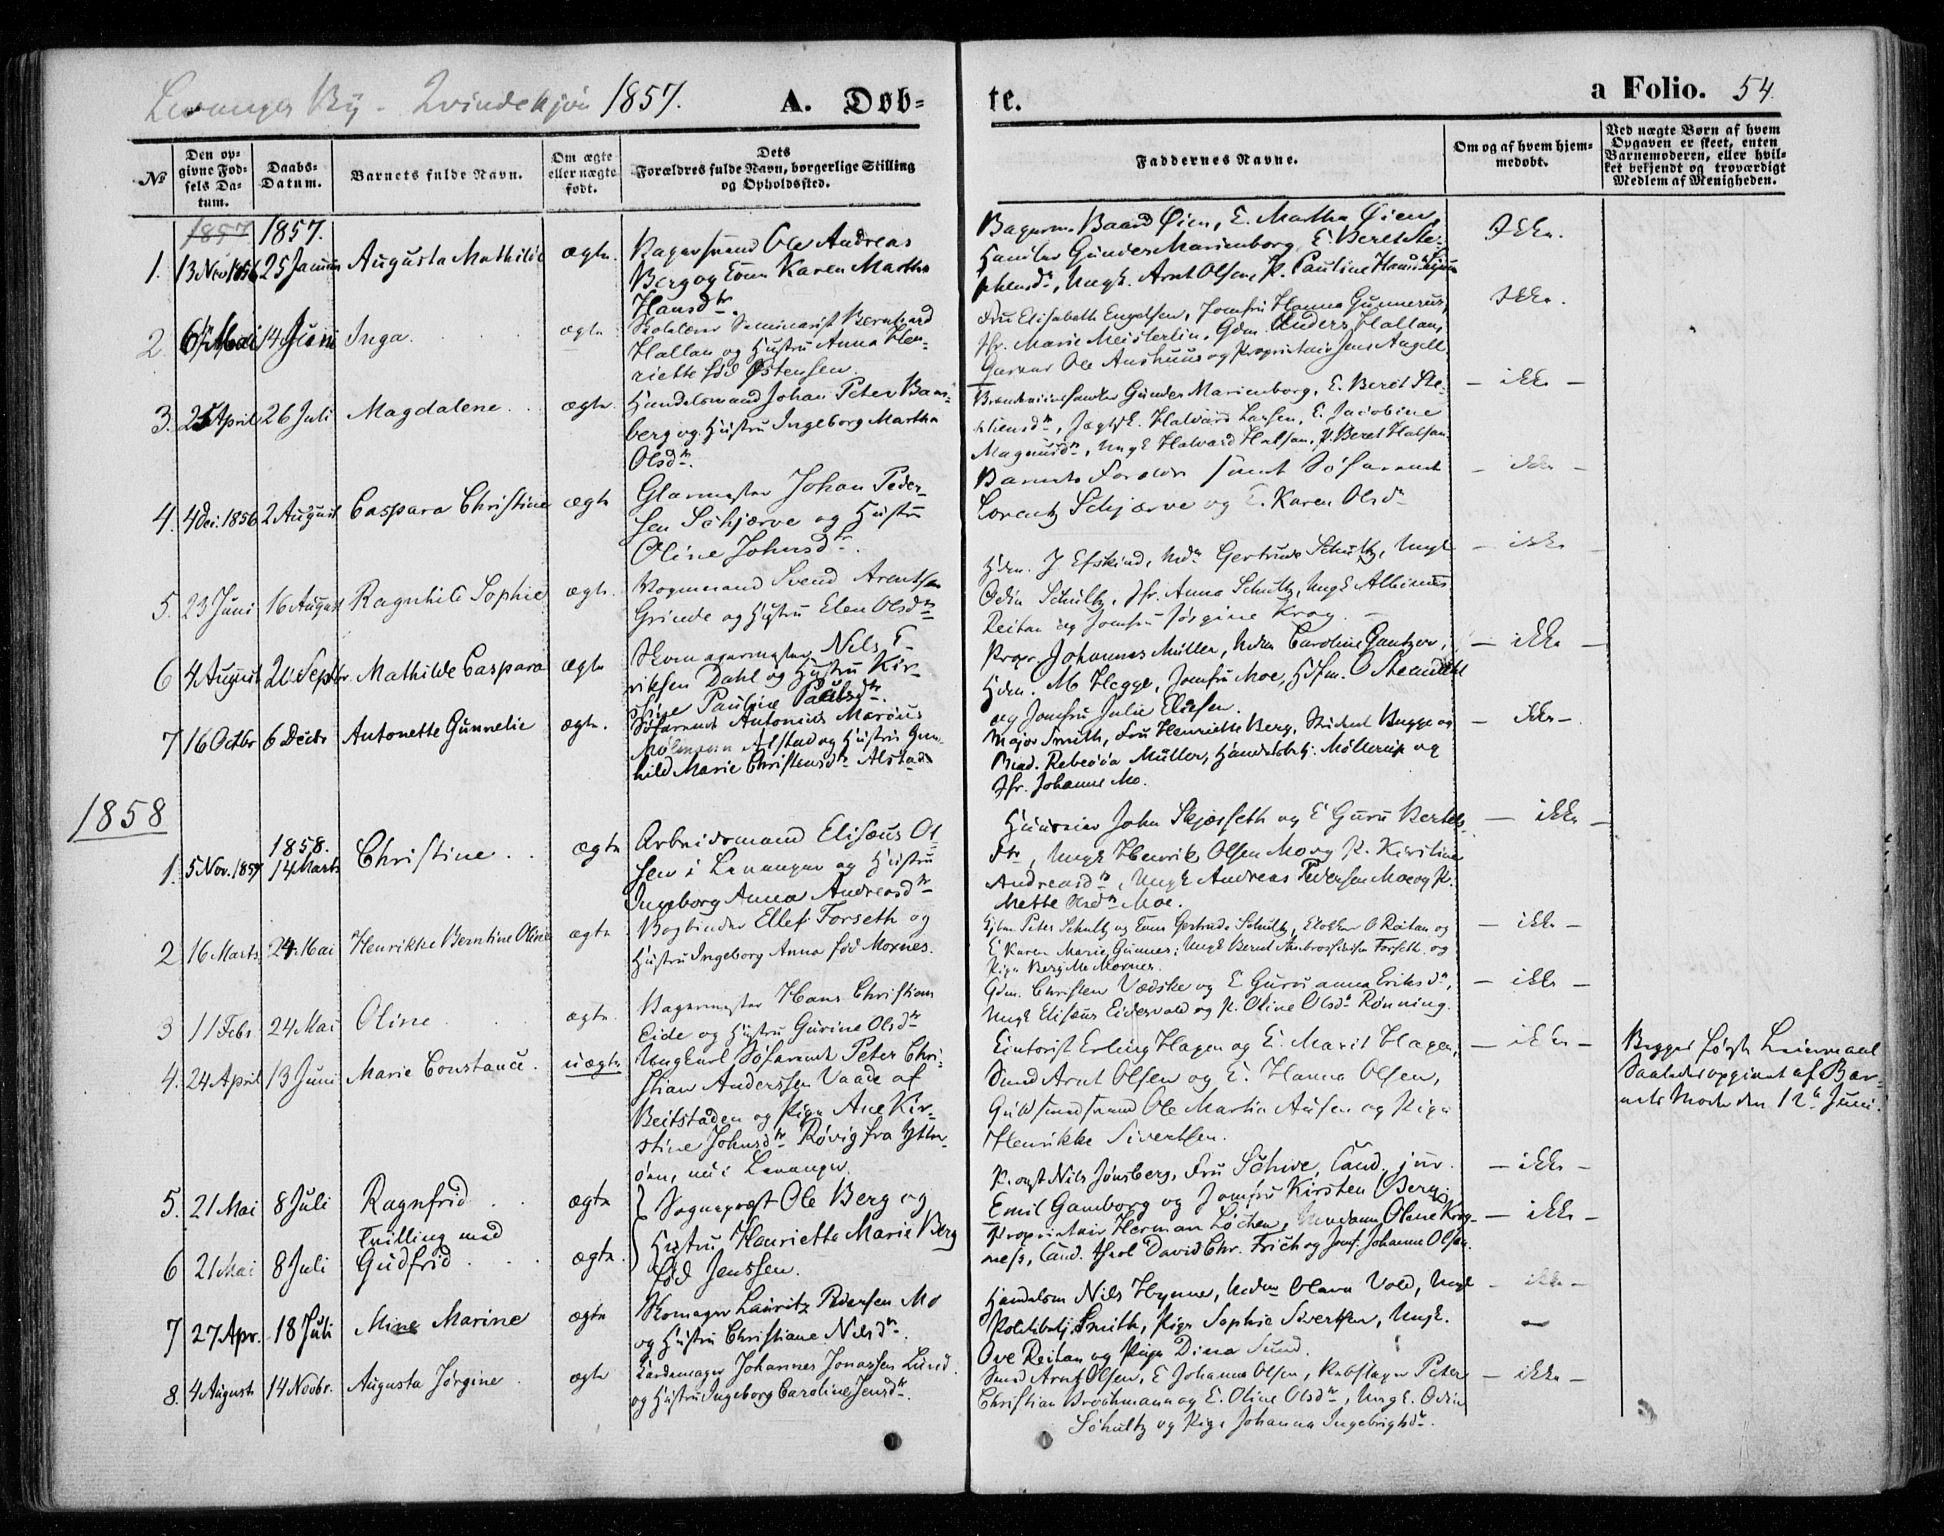 SAT, Ministerialprotokoller, klokkerbøker og fødselsregistre - Nord-Trøndelag, 720/L0184: Ministerialbok nr. 720A02 /1, 1855-1863, s. 54